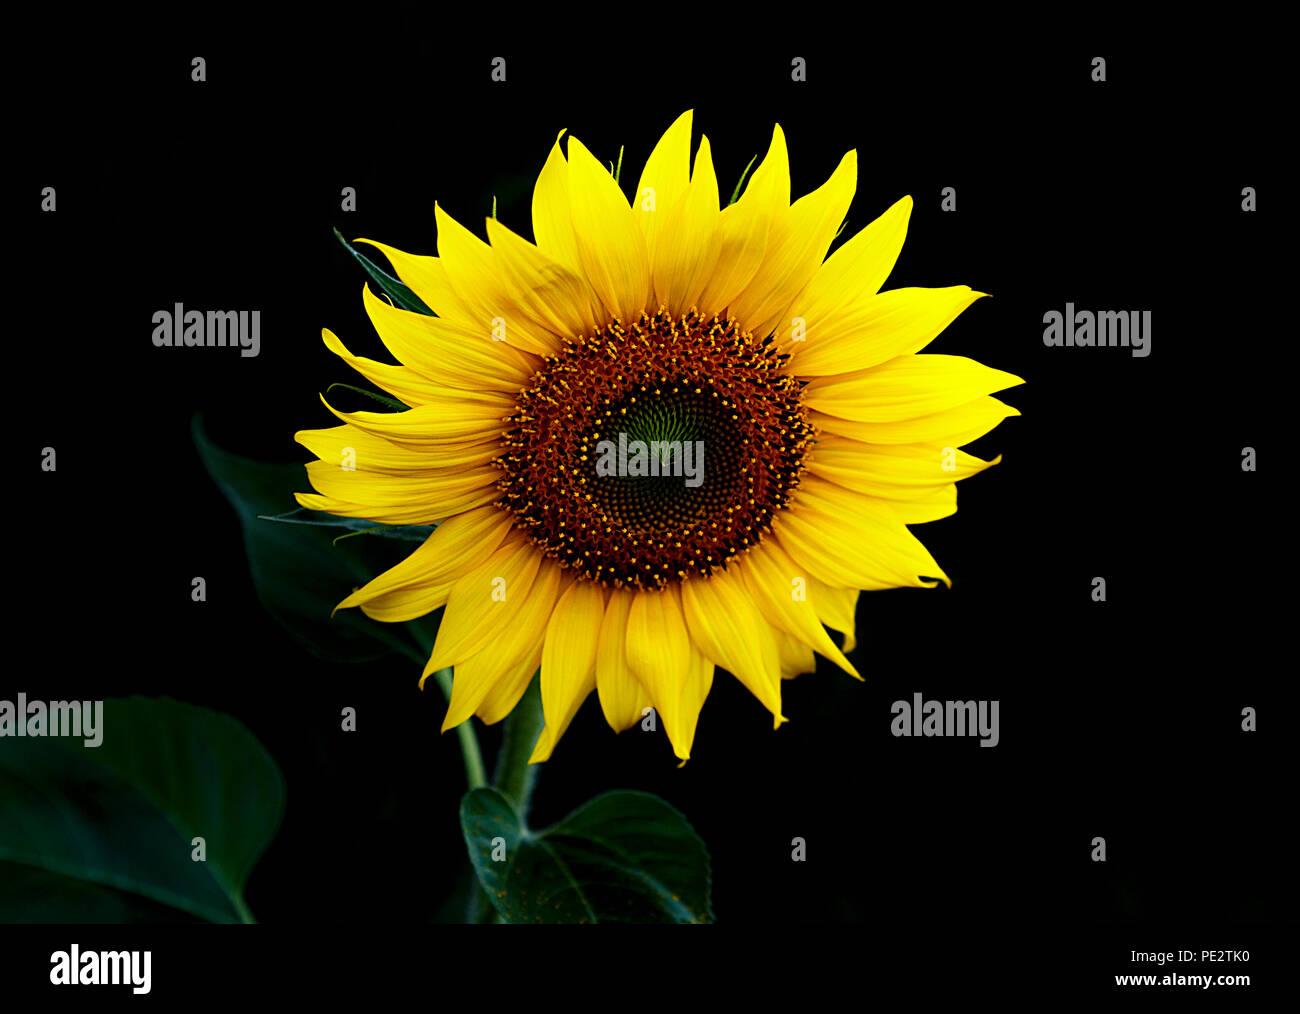 sunflower in the dark II Stock Photo